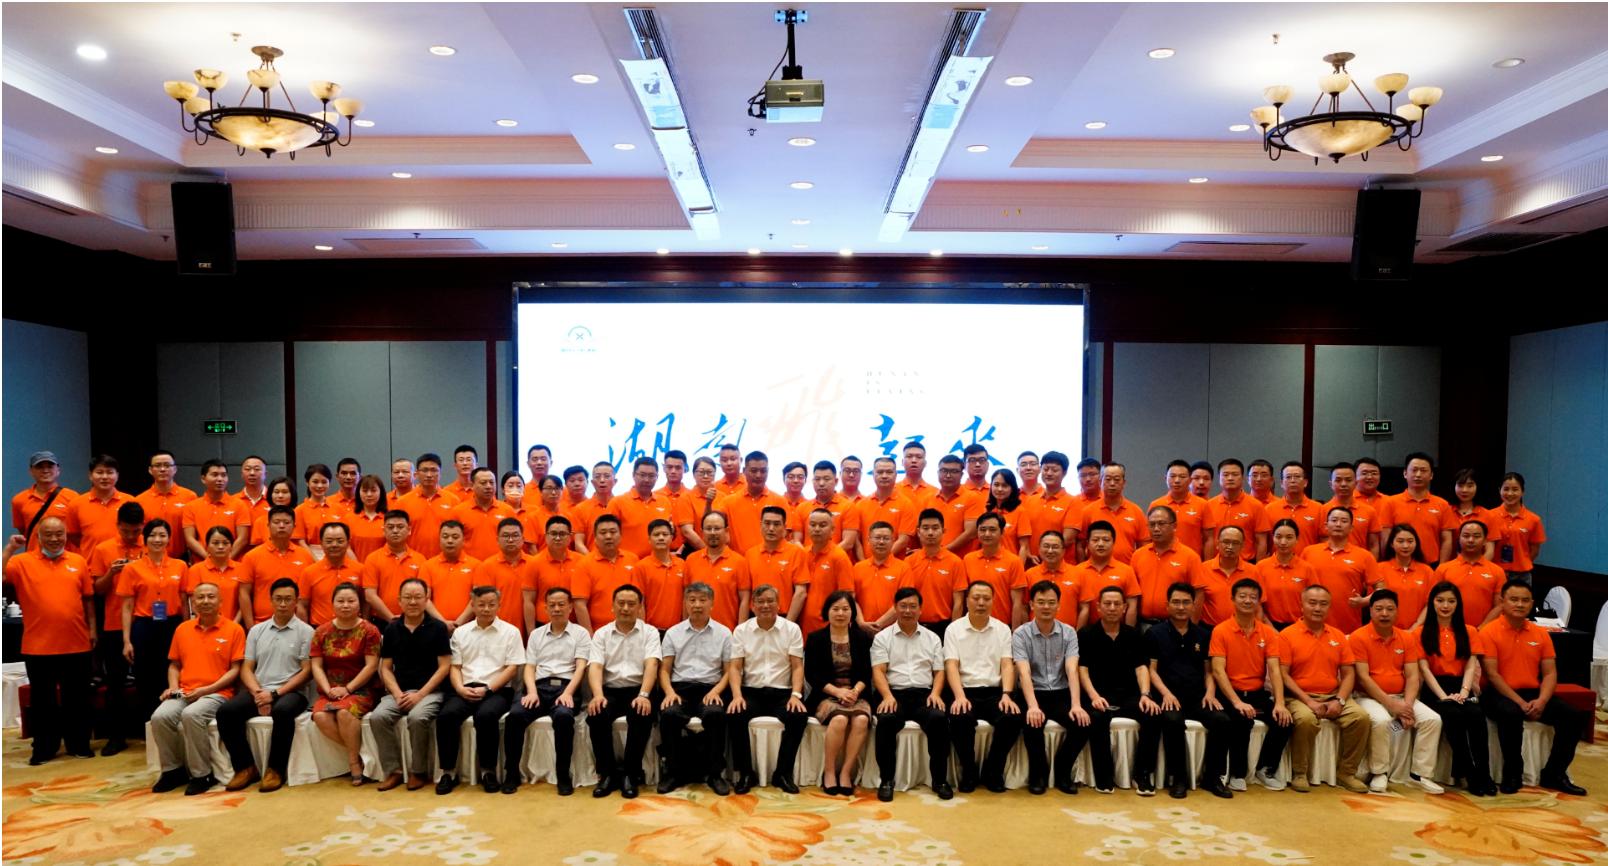 湖南飛起來 | 熱烈祝賀博通信息張建國董事長當選湖南省無人機行業協會副會長!